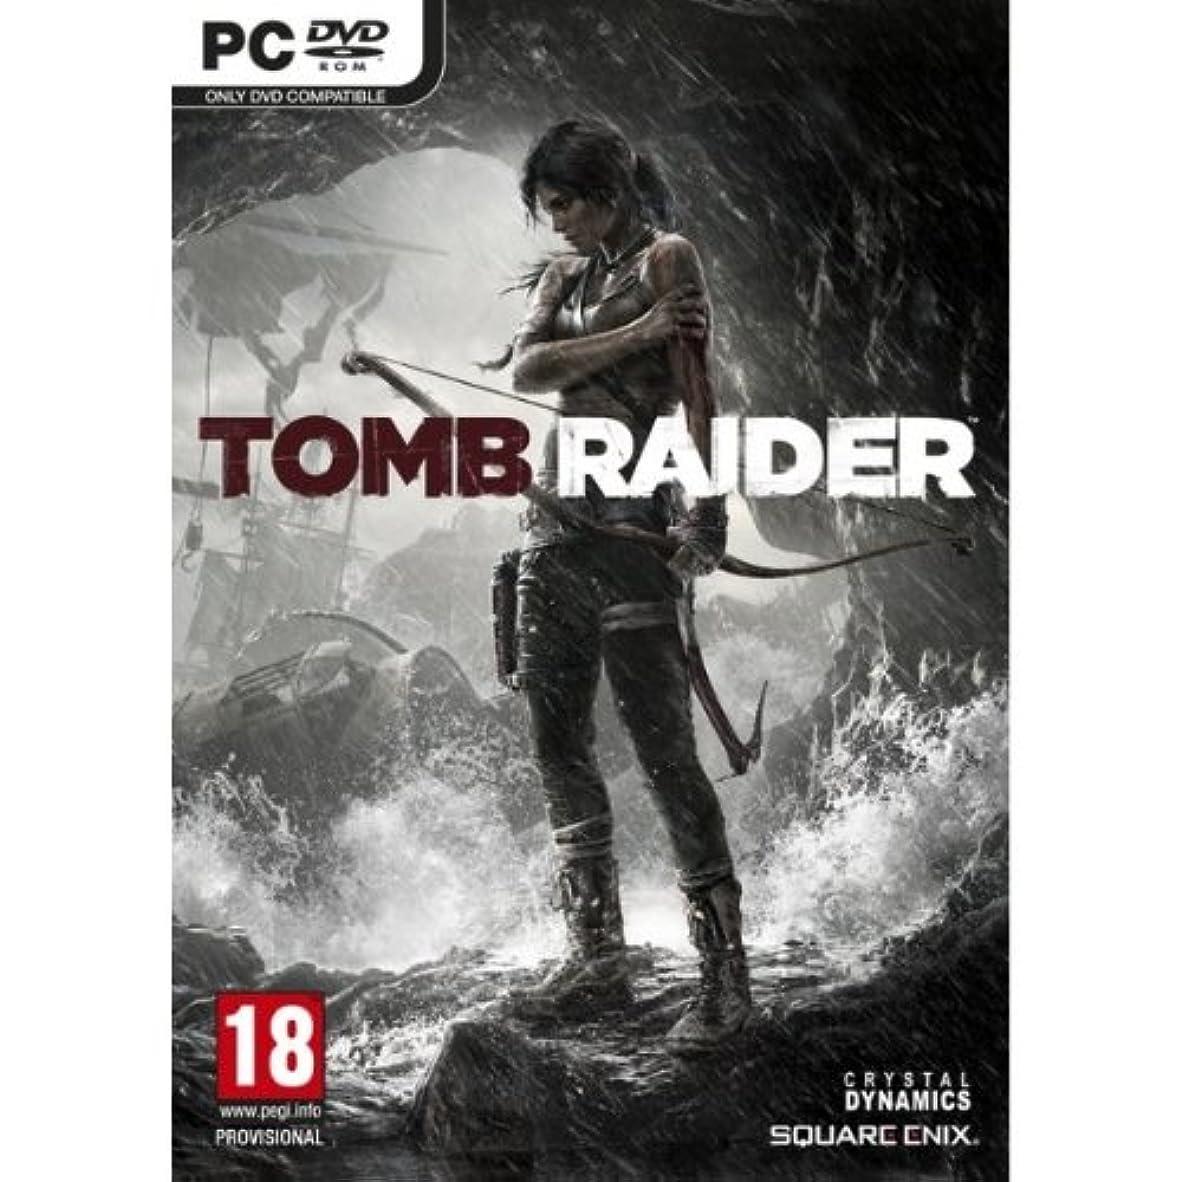 カヌー劣るサージ【HGオリジナル特典付き】 PC Tomb Raider アジア版